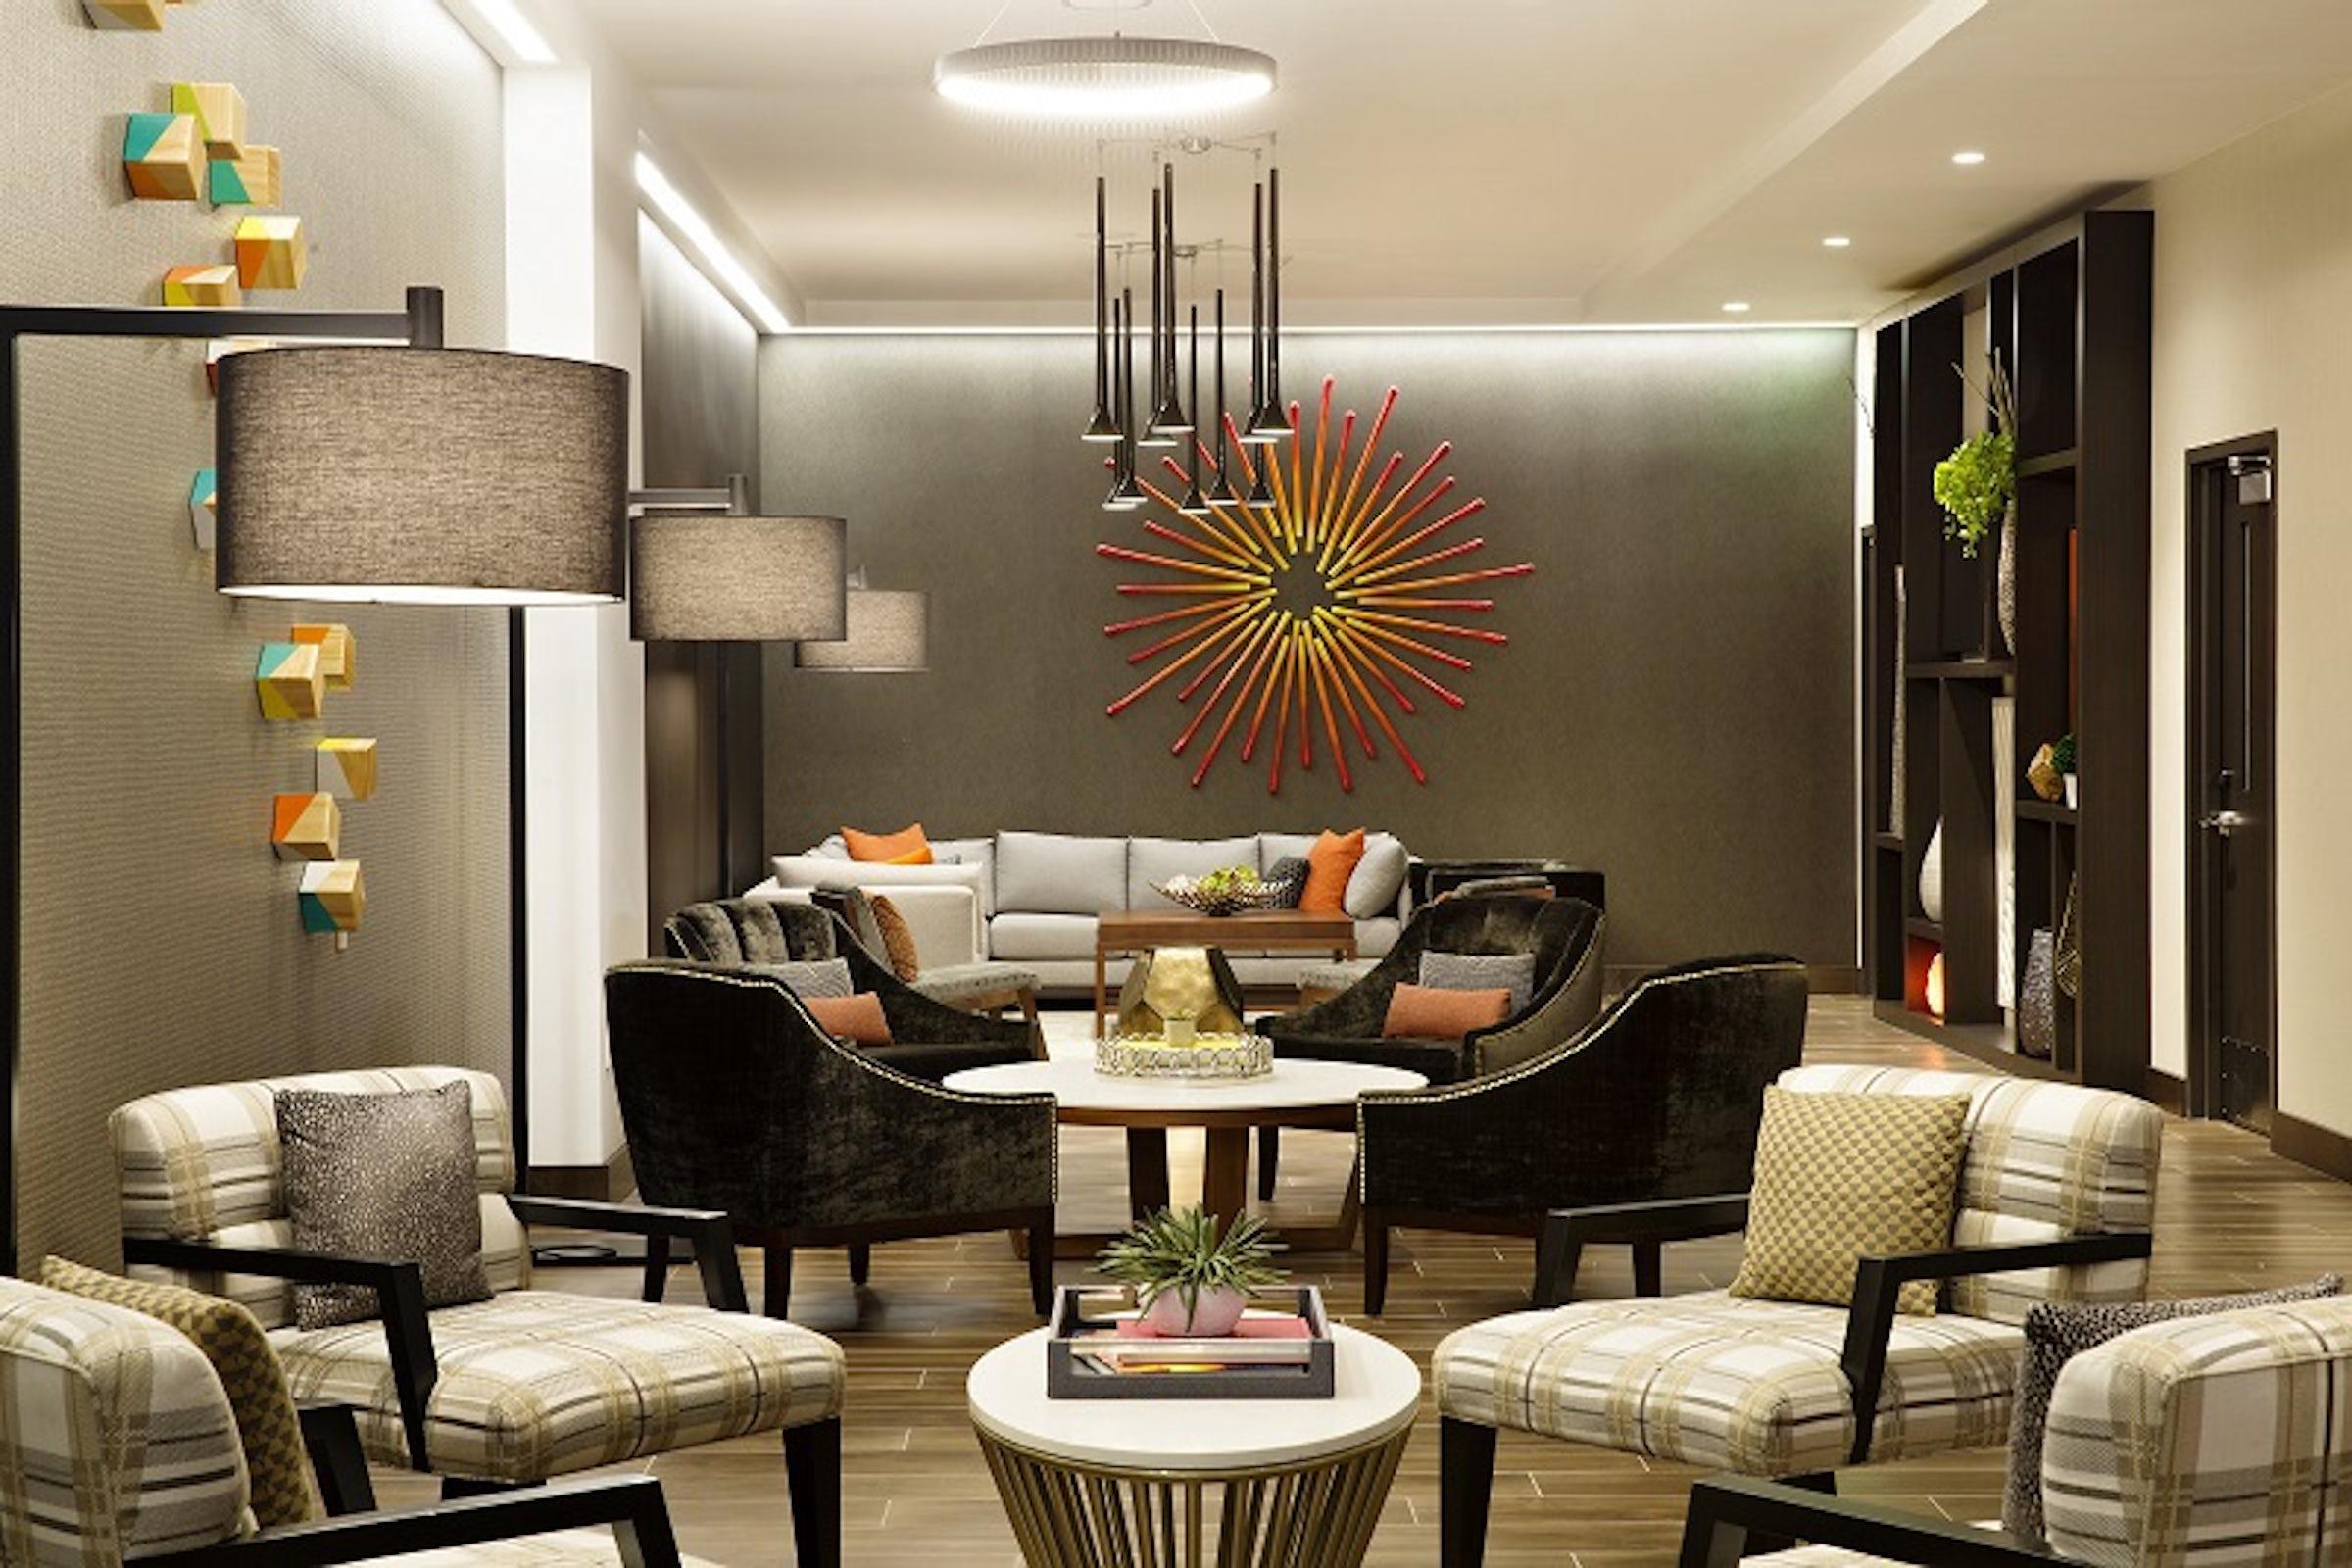 Hampton Inn & Suites Dallas Downtown in Beyond Dallas